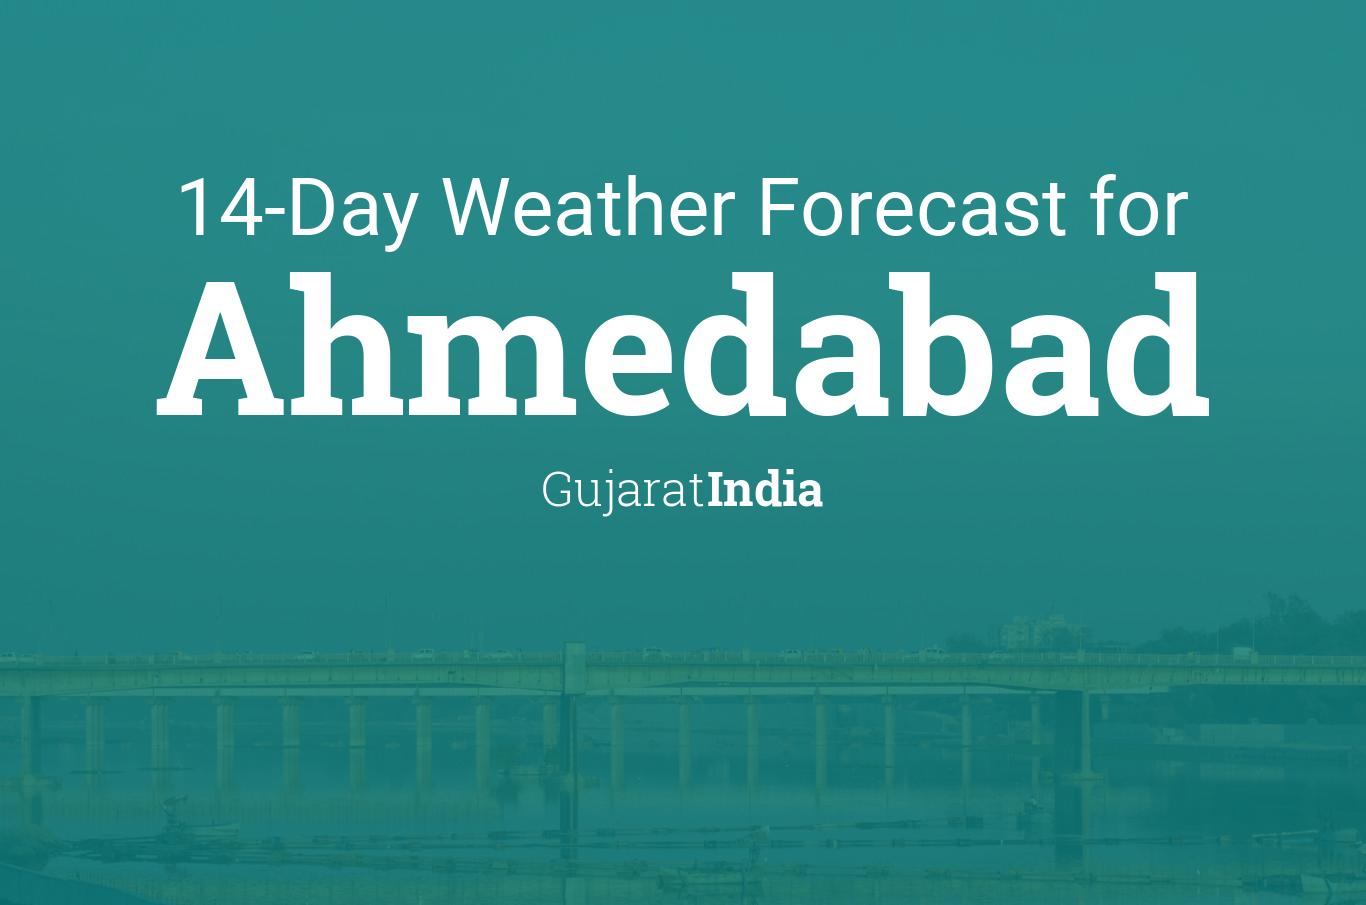 Ahmedabad, Gujarat, India 14 day weather forecast